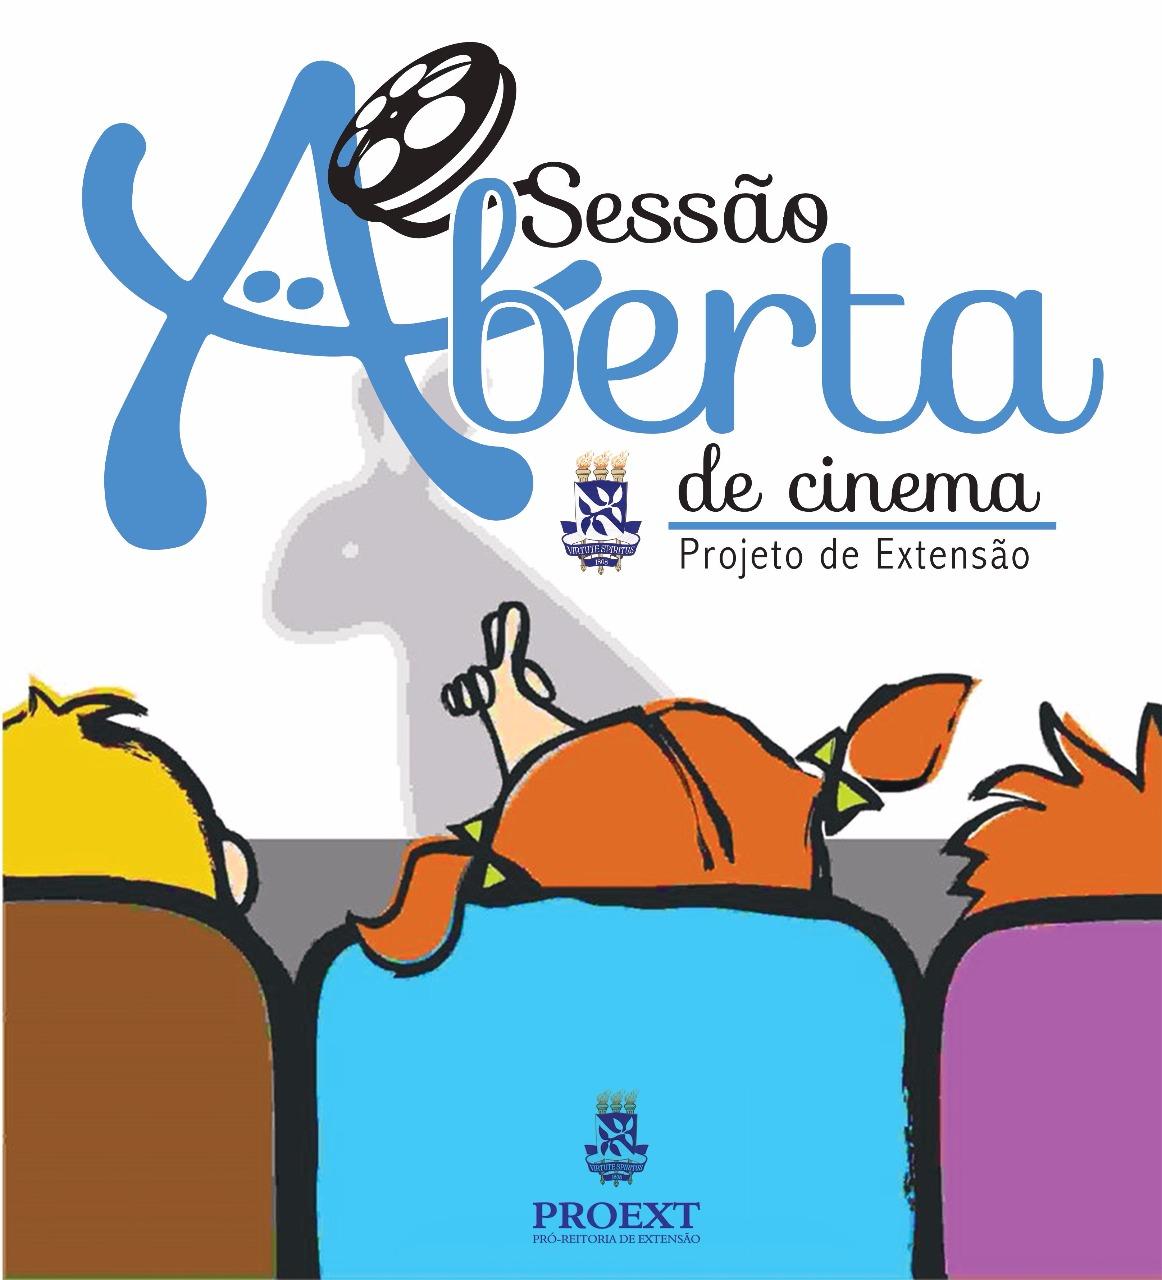 Sessão Aberta de Cinema da UFBA exibe coleção de sete minifilmes no próximo sábado